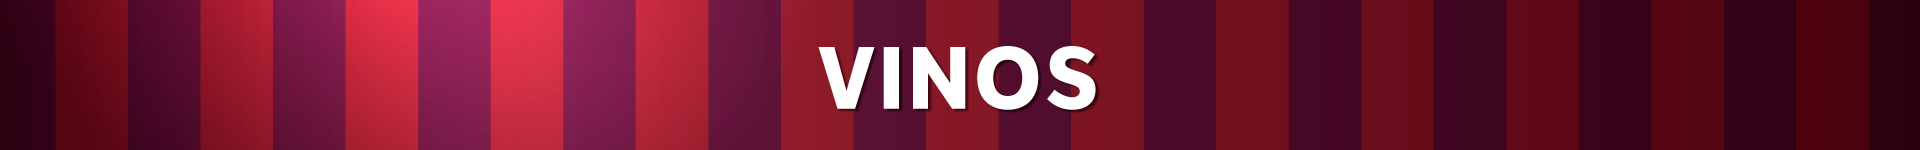 Banner Vinos 1